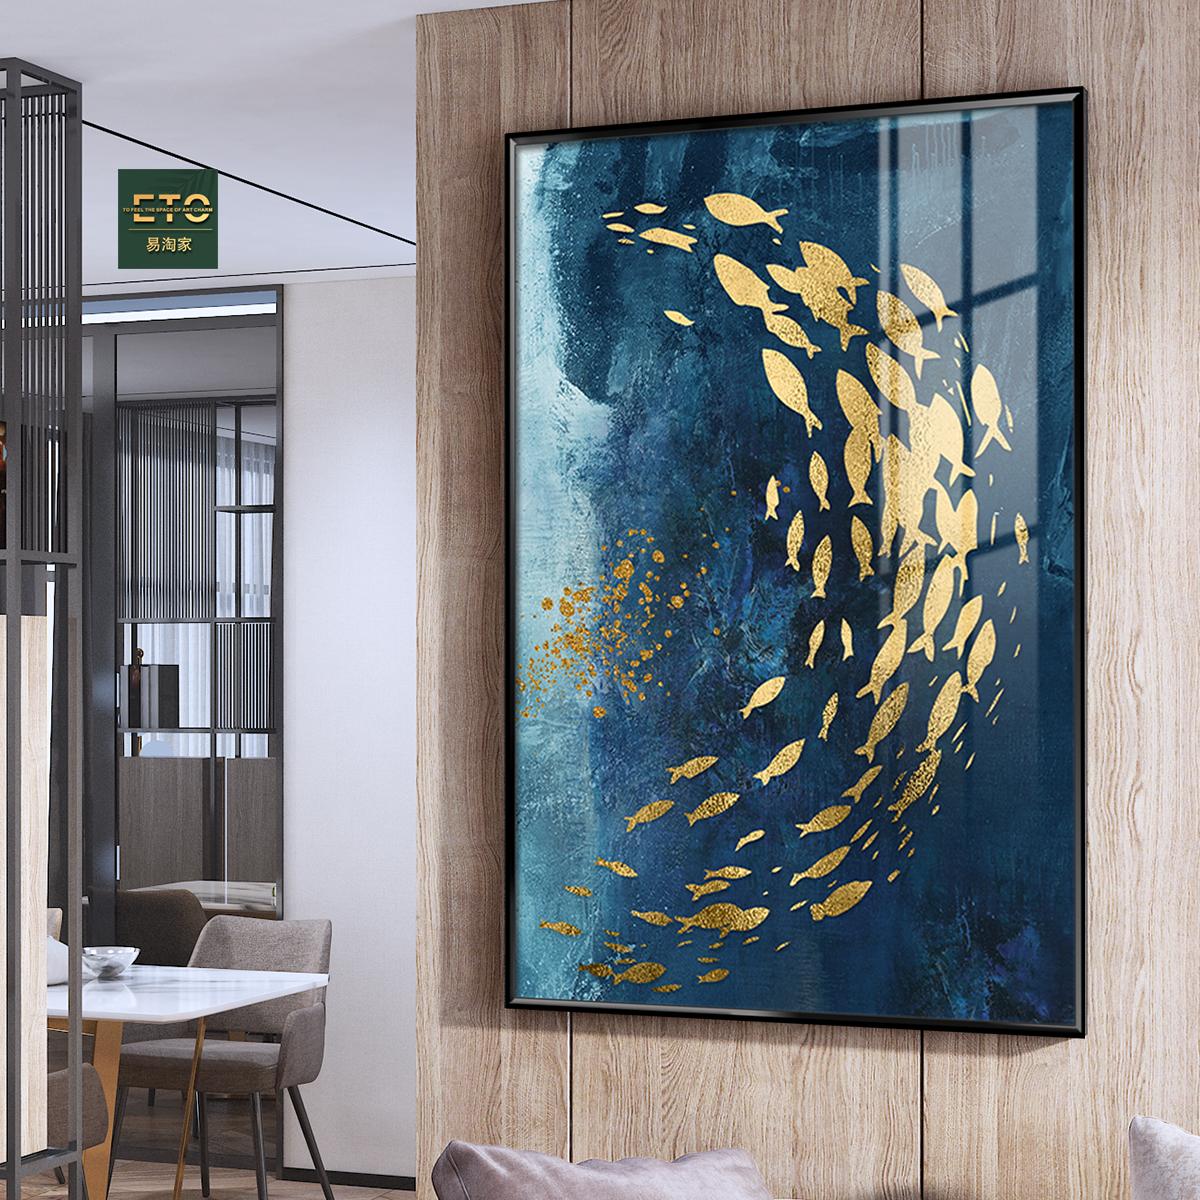 картины постеры из стекла утверждает